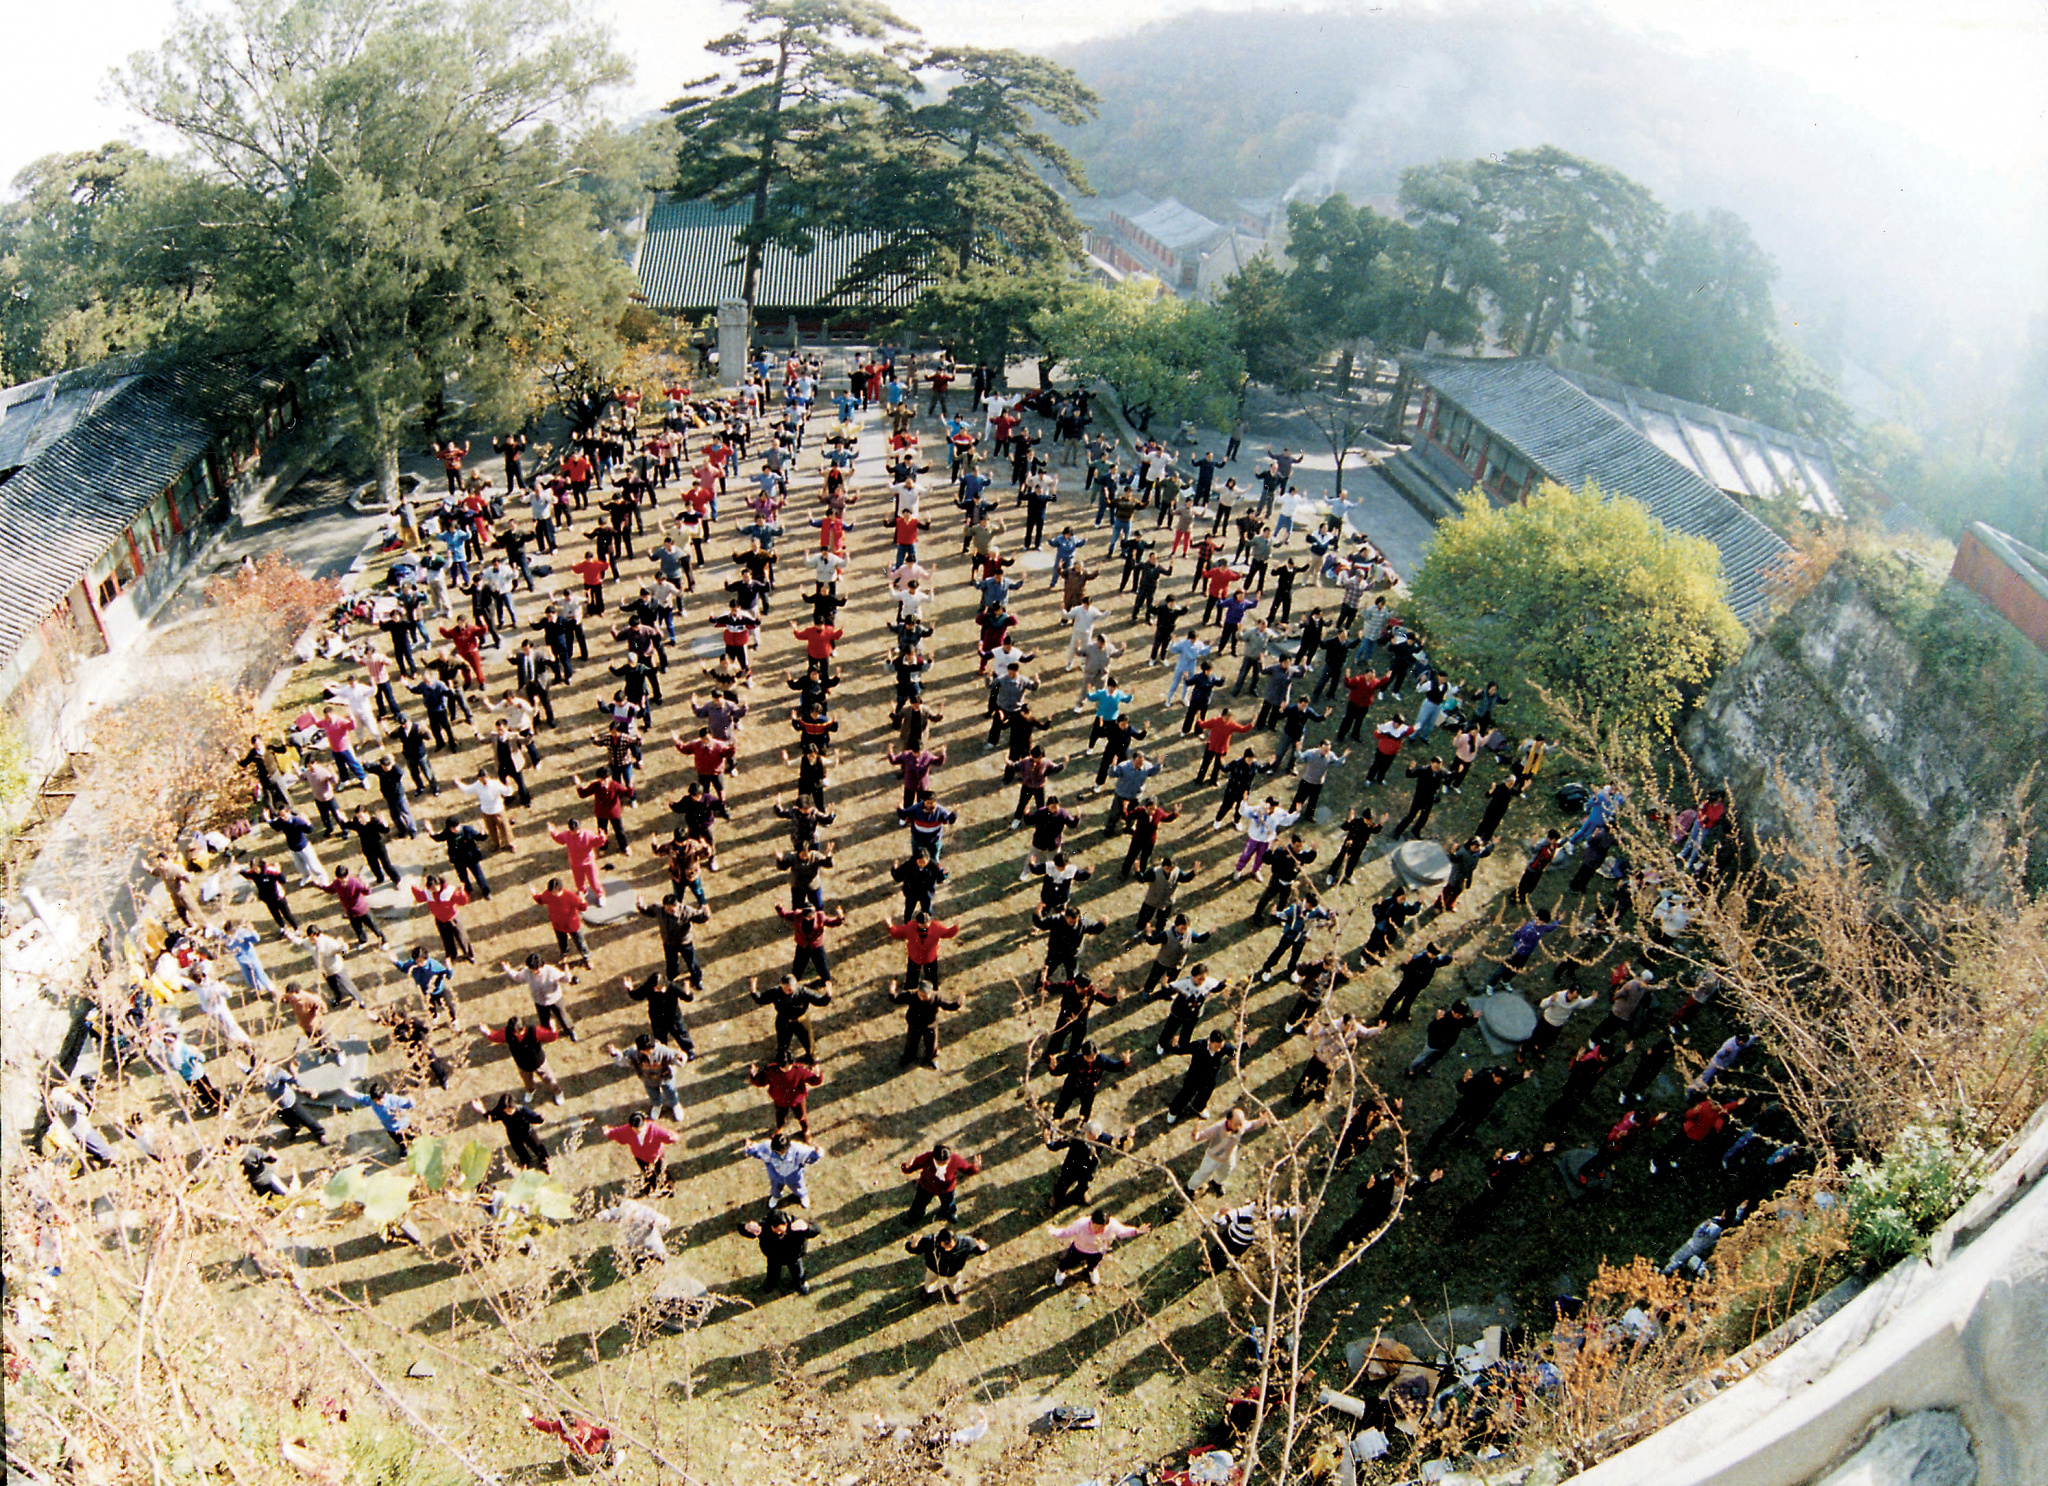 Популярность Фалунь Дафа в Китае и её последствия